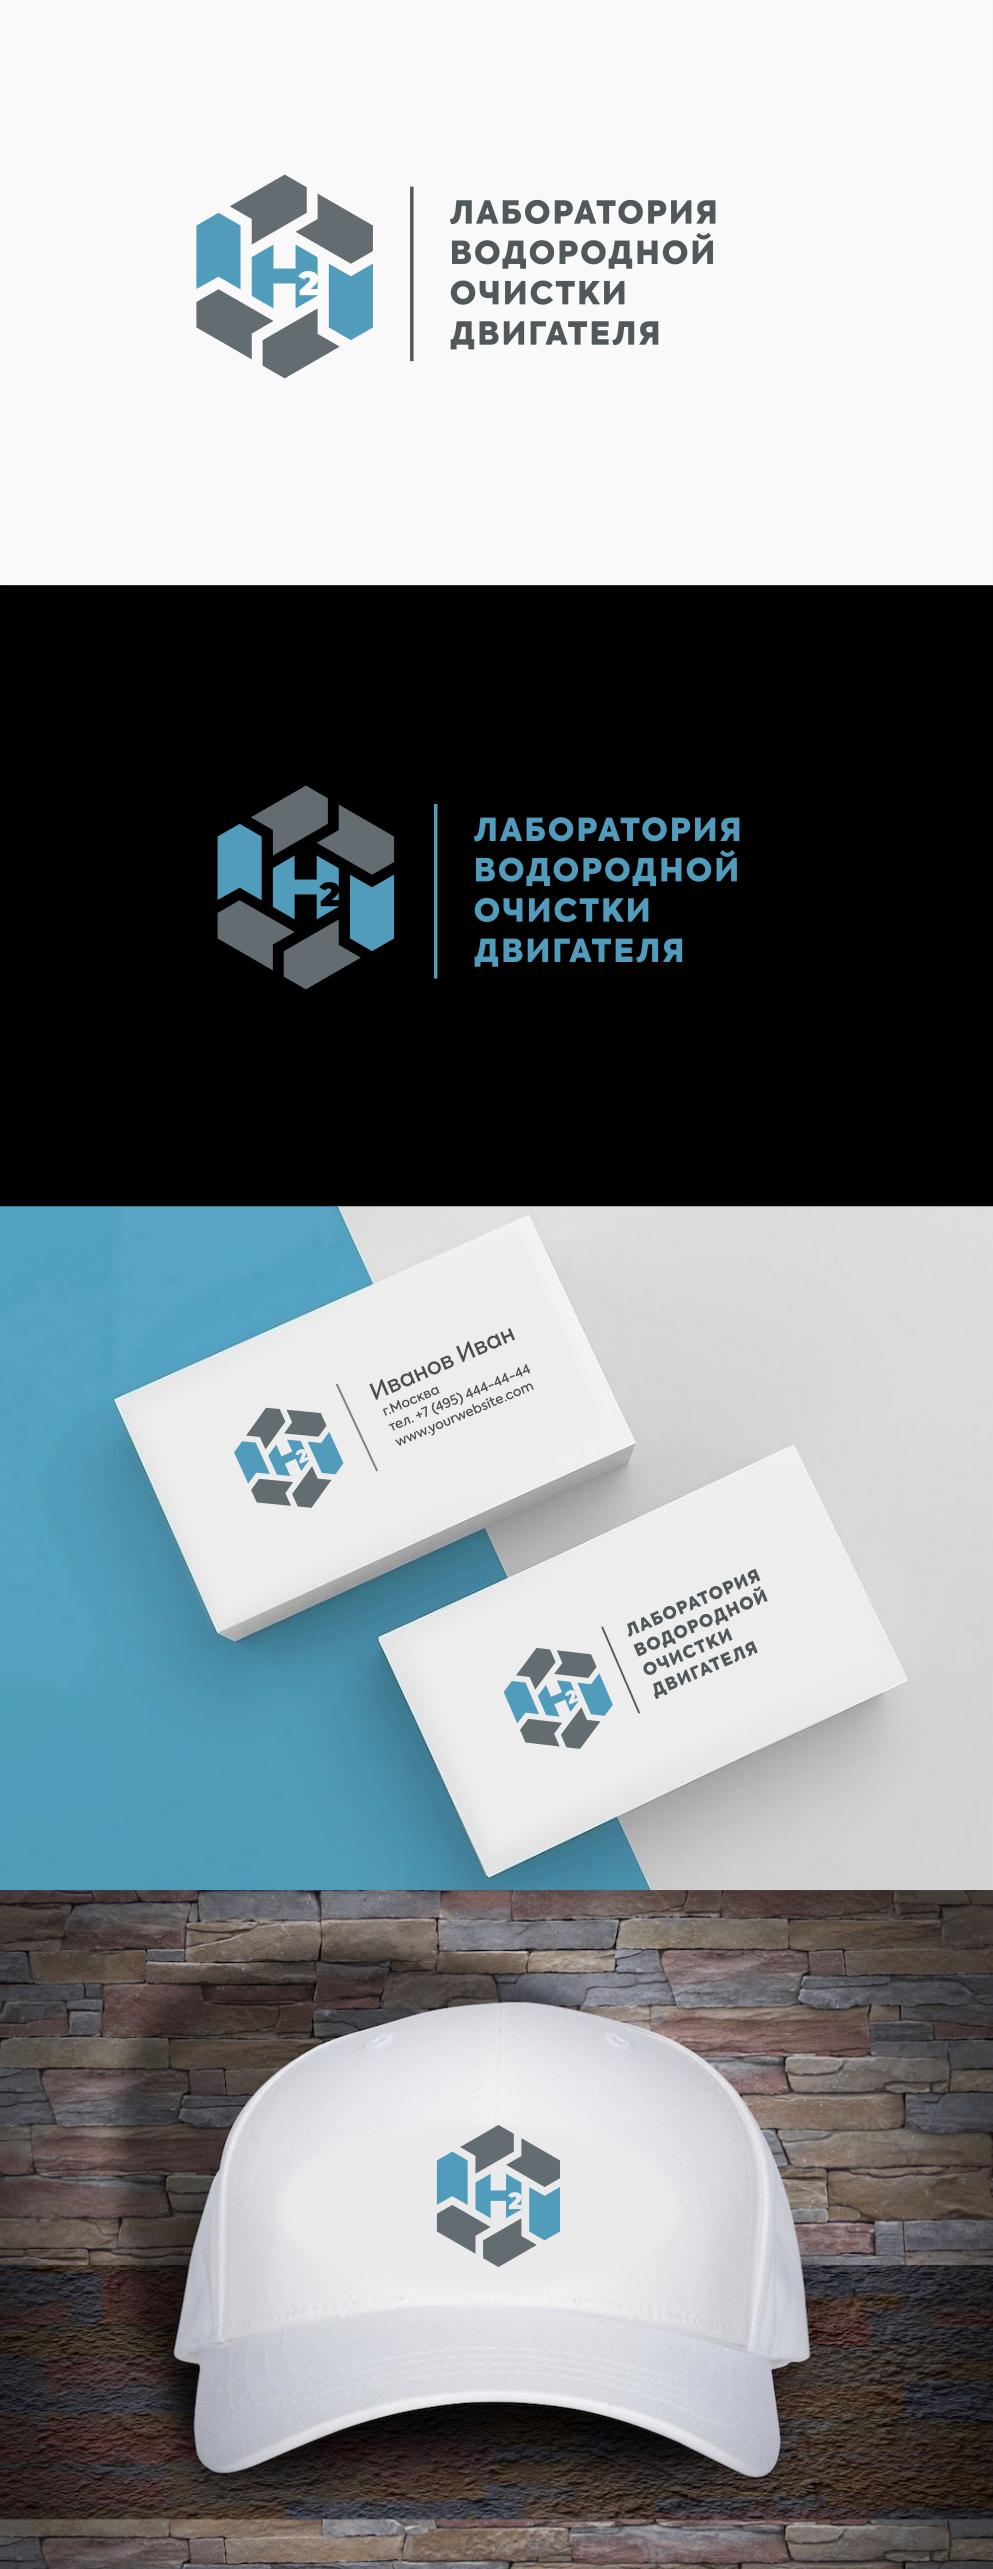 """Разработка фирменного стиля для """"Лаборатории водородной очис фото f_8325dd95c6d1668c.png"""